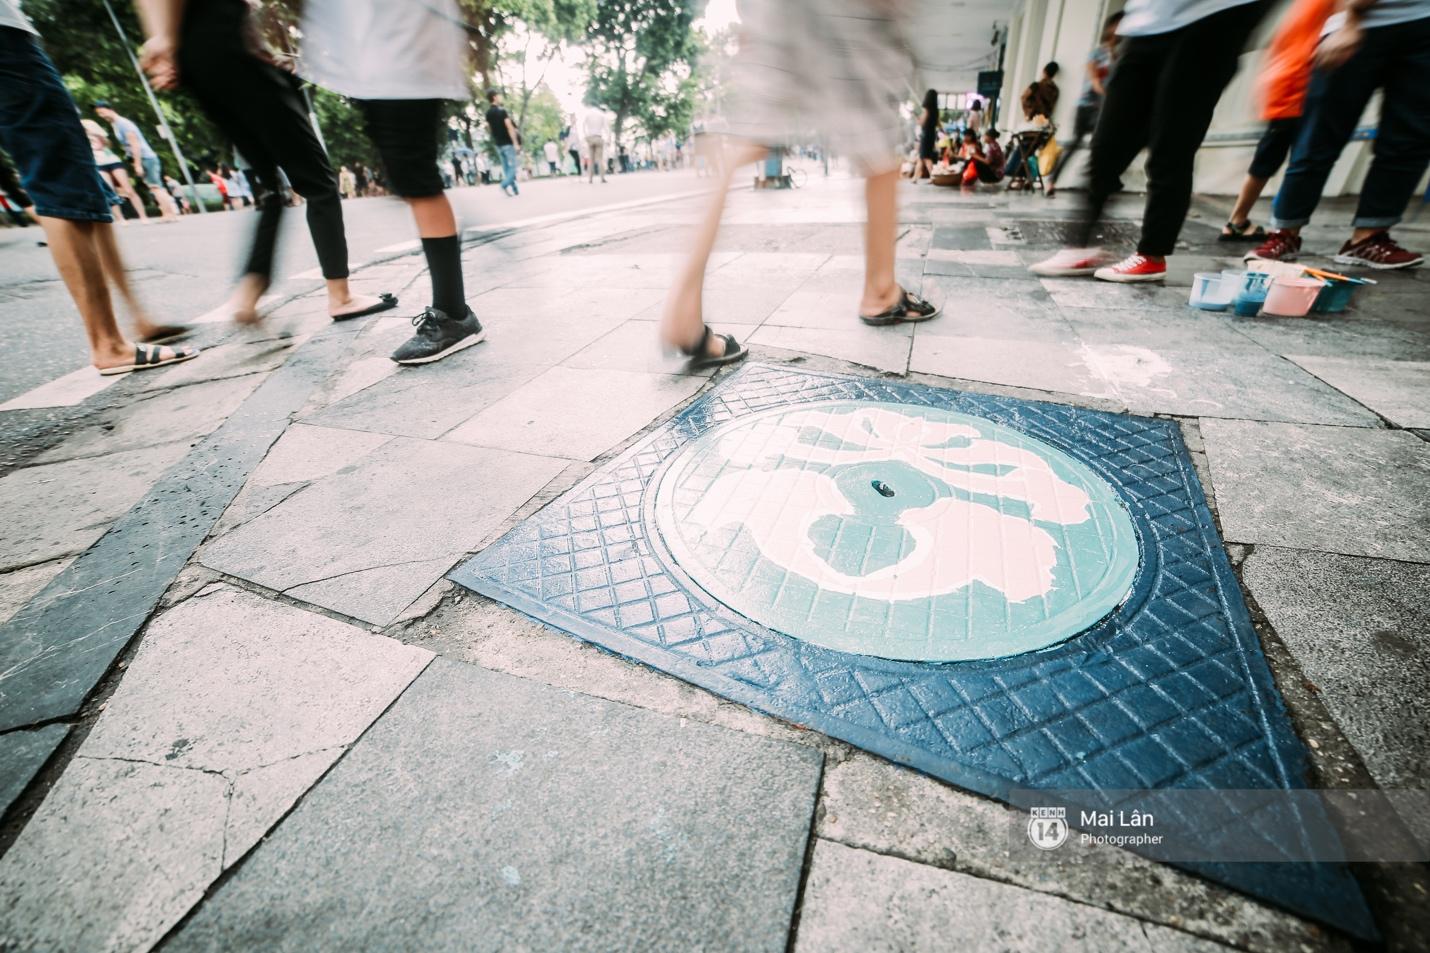 Nhỏ mà có võ, những nắp cống được tô vẽ màu mè đáng yêu khiến ai dạo qua phố đi bộ Hà Nội cũng mỉm cười! - Ảnh 5.